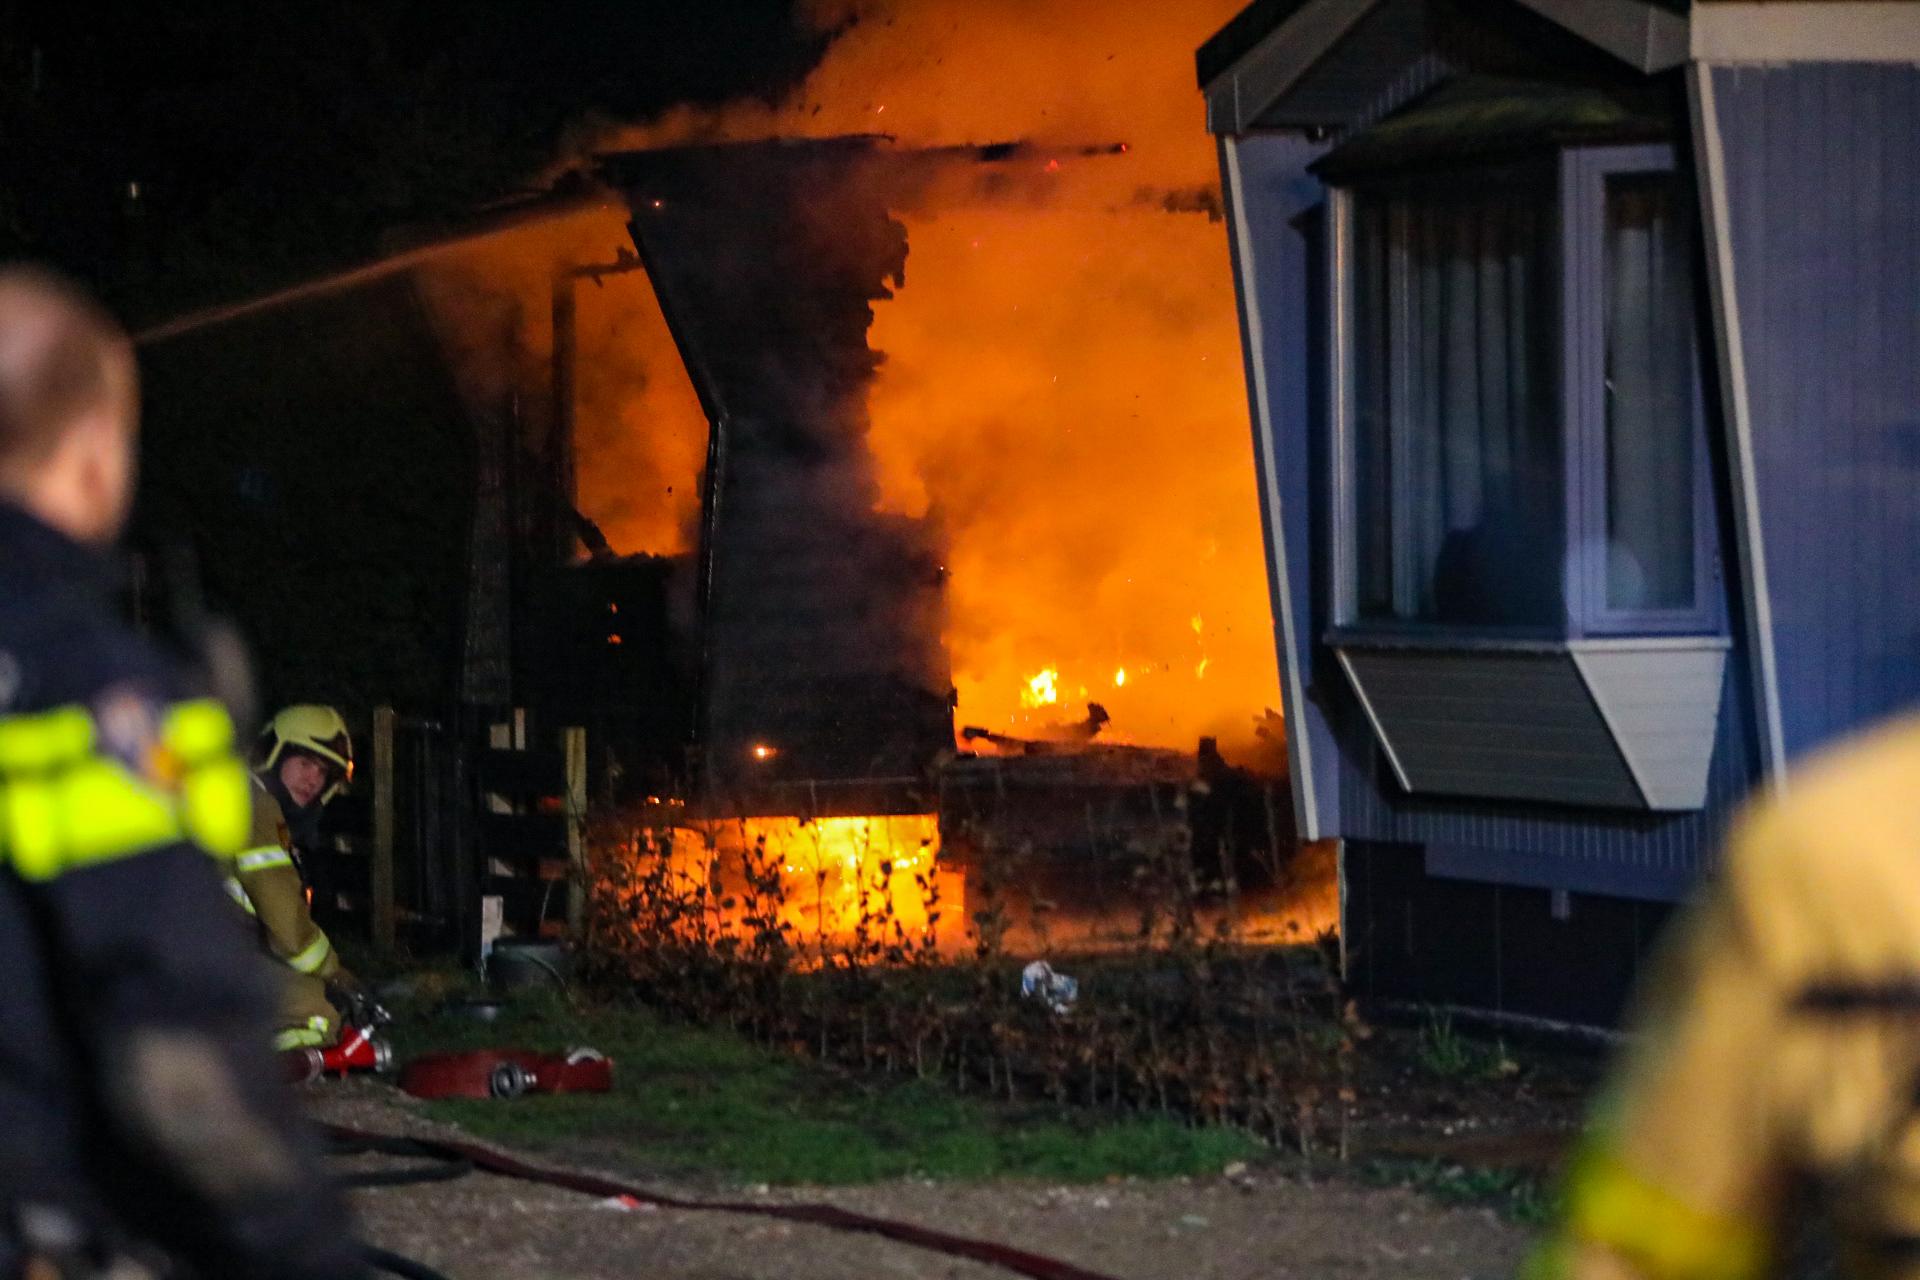 Dode bij uitslaande brand in stacaravan in Lieren; politie start onderzoek